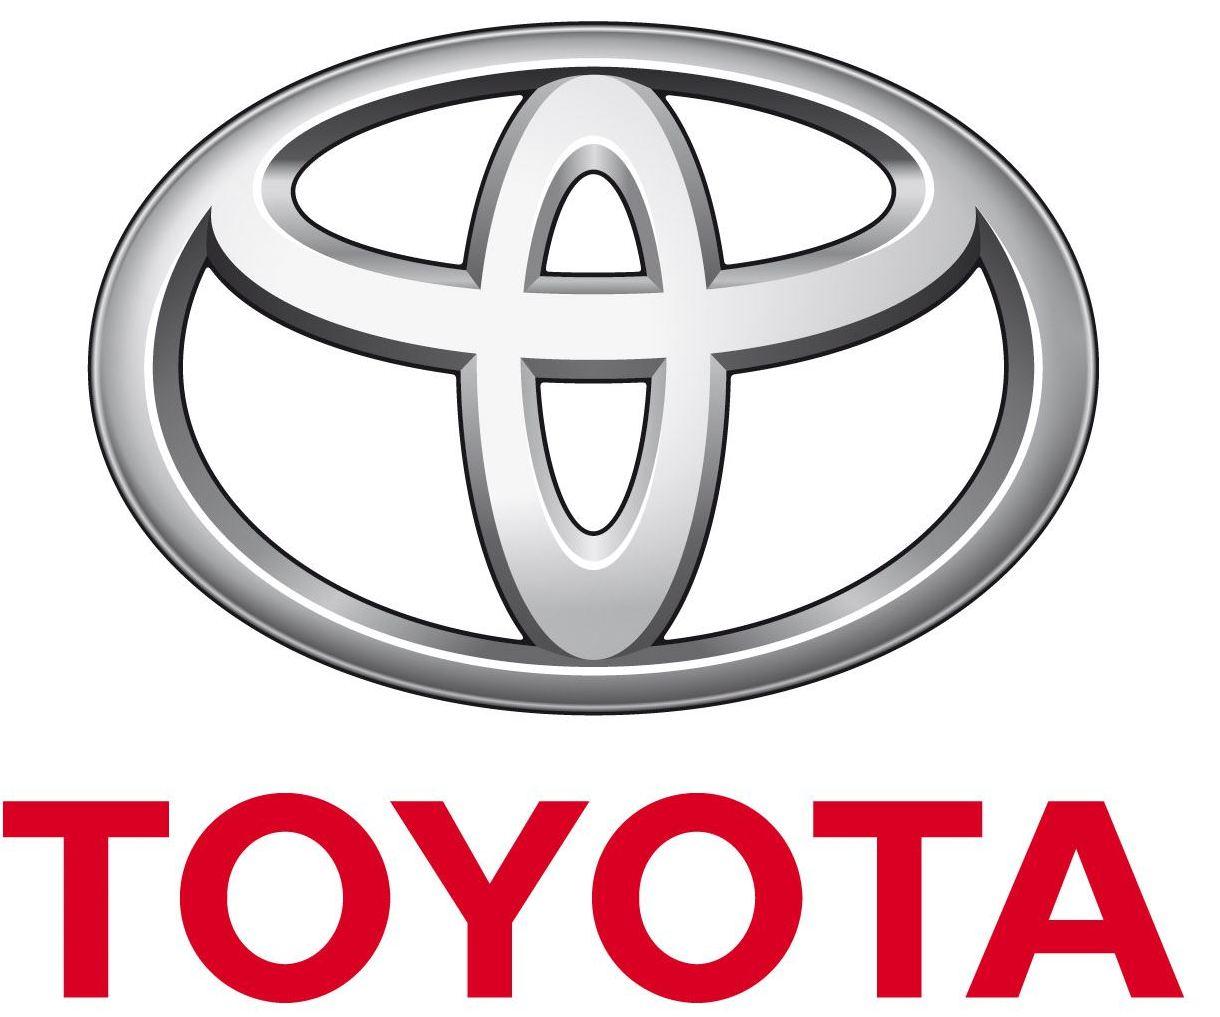 Toyota Caetano Portugal, SA